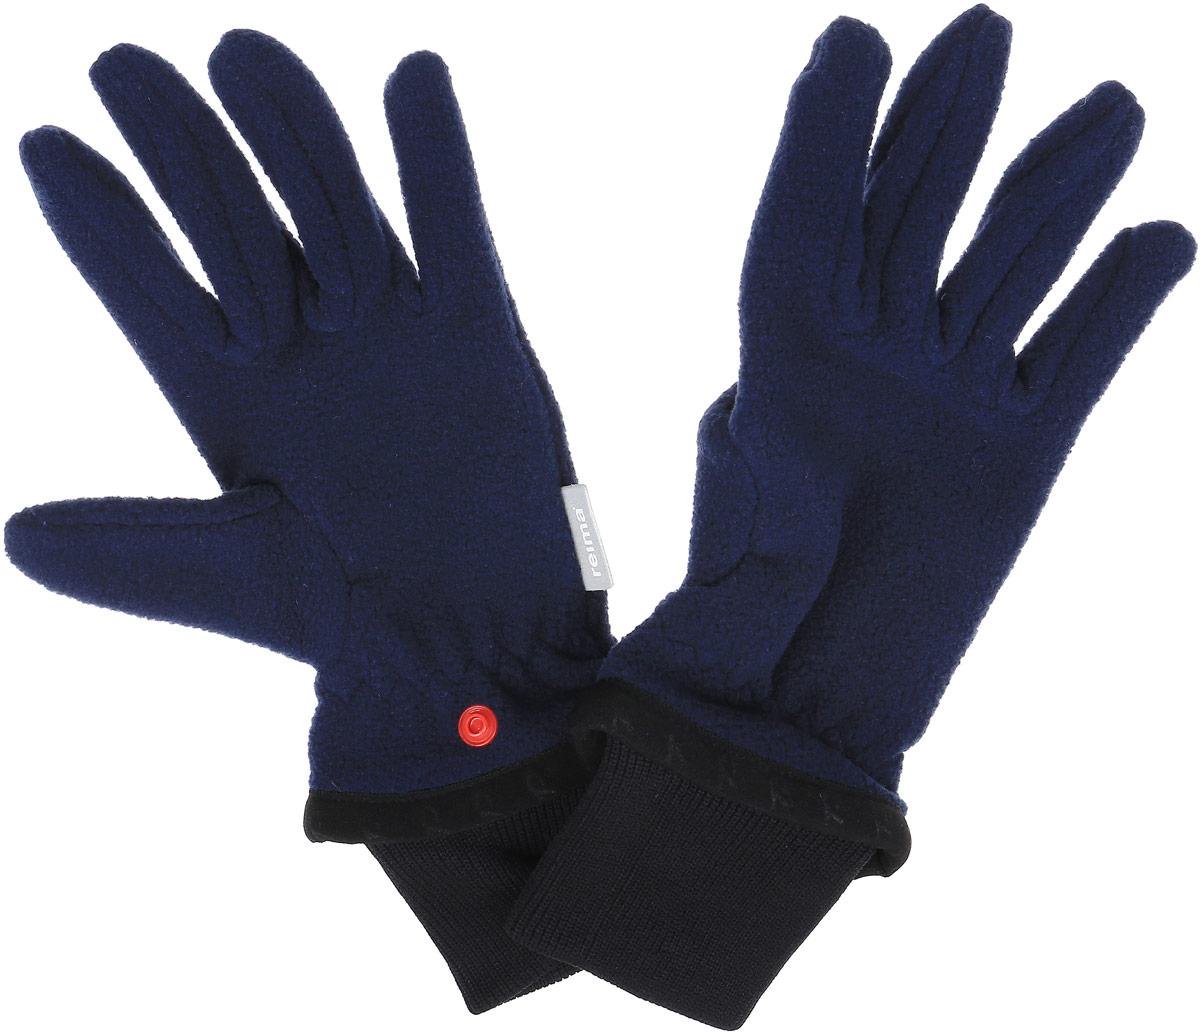 Перчатки детские527191-4620AДетские флисовые перчатки Reima Tollense согреют ручки вашего ребенка в холодную погоду. Флисовый материал - теплый и мягкий на ощупь. Эластичные ребристые манжеты перчаток плотно облегают и хорошо смотрятся. Благодаря кнопкам вы легко можете соединить перчатки вместе для удобства хранения. В ясные осенние и весенние дни эти перчатки – сами по себе великолепный выбор для игр на воздухе, в то время как зимой их можно одеть под зимние варежки или перчатки для дополнительного тепла.